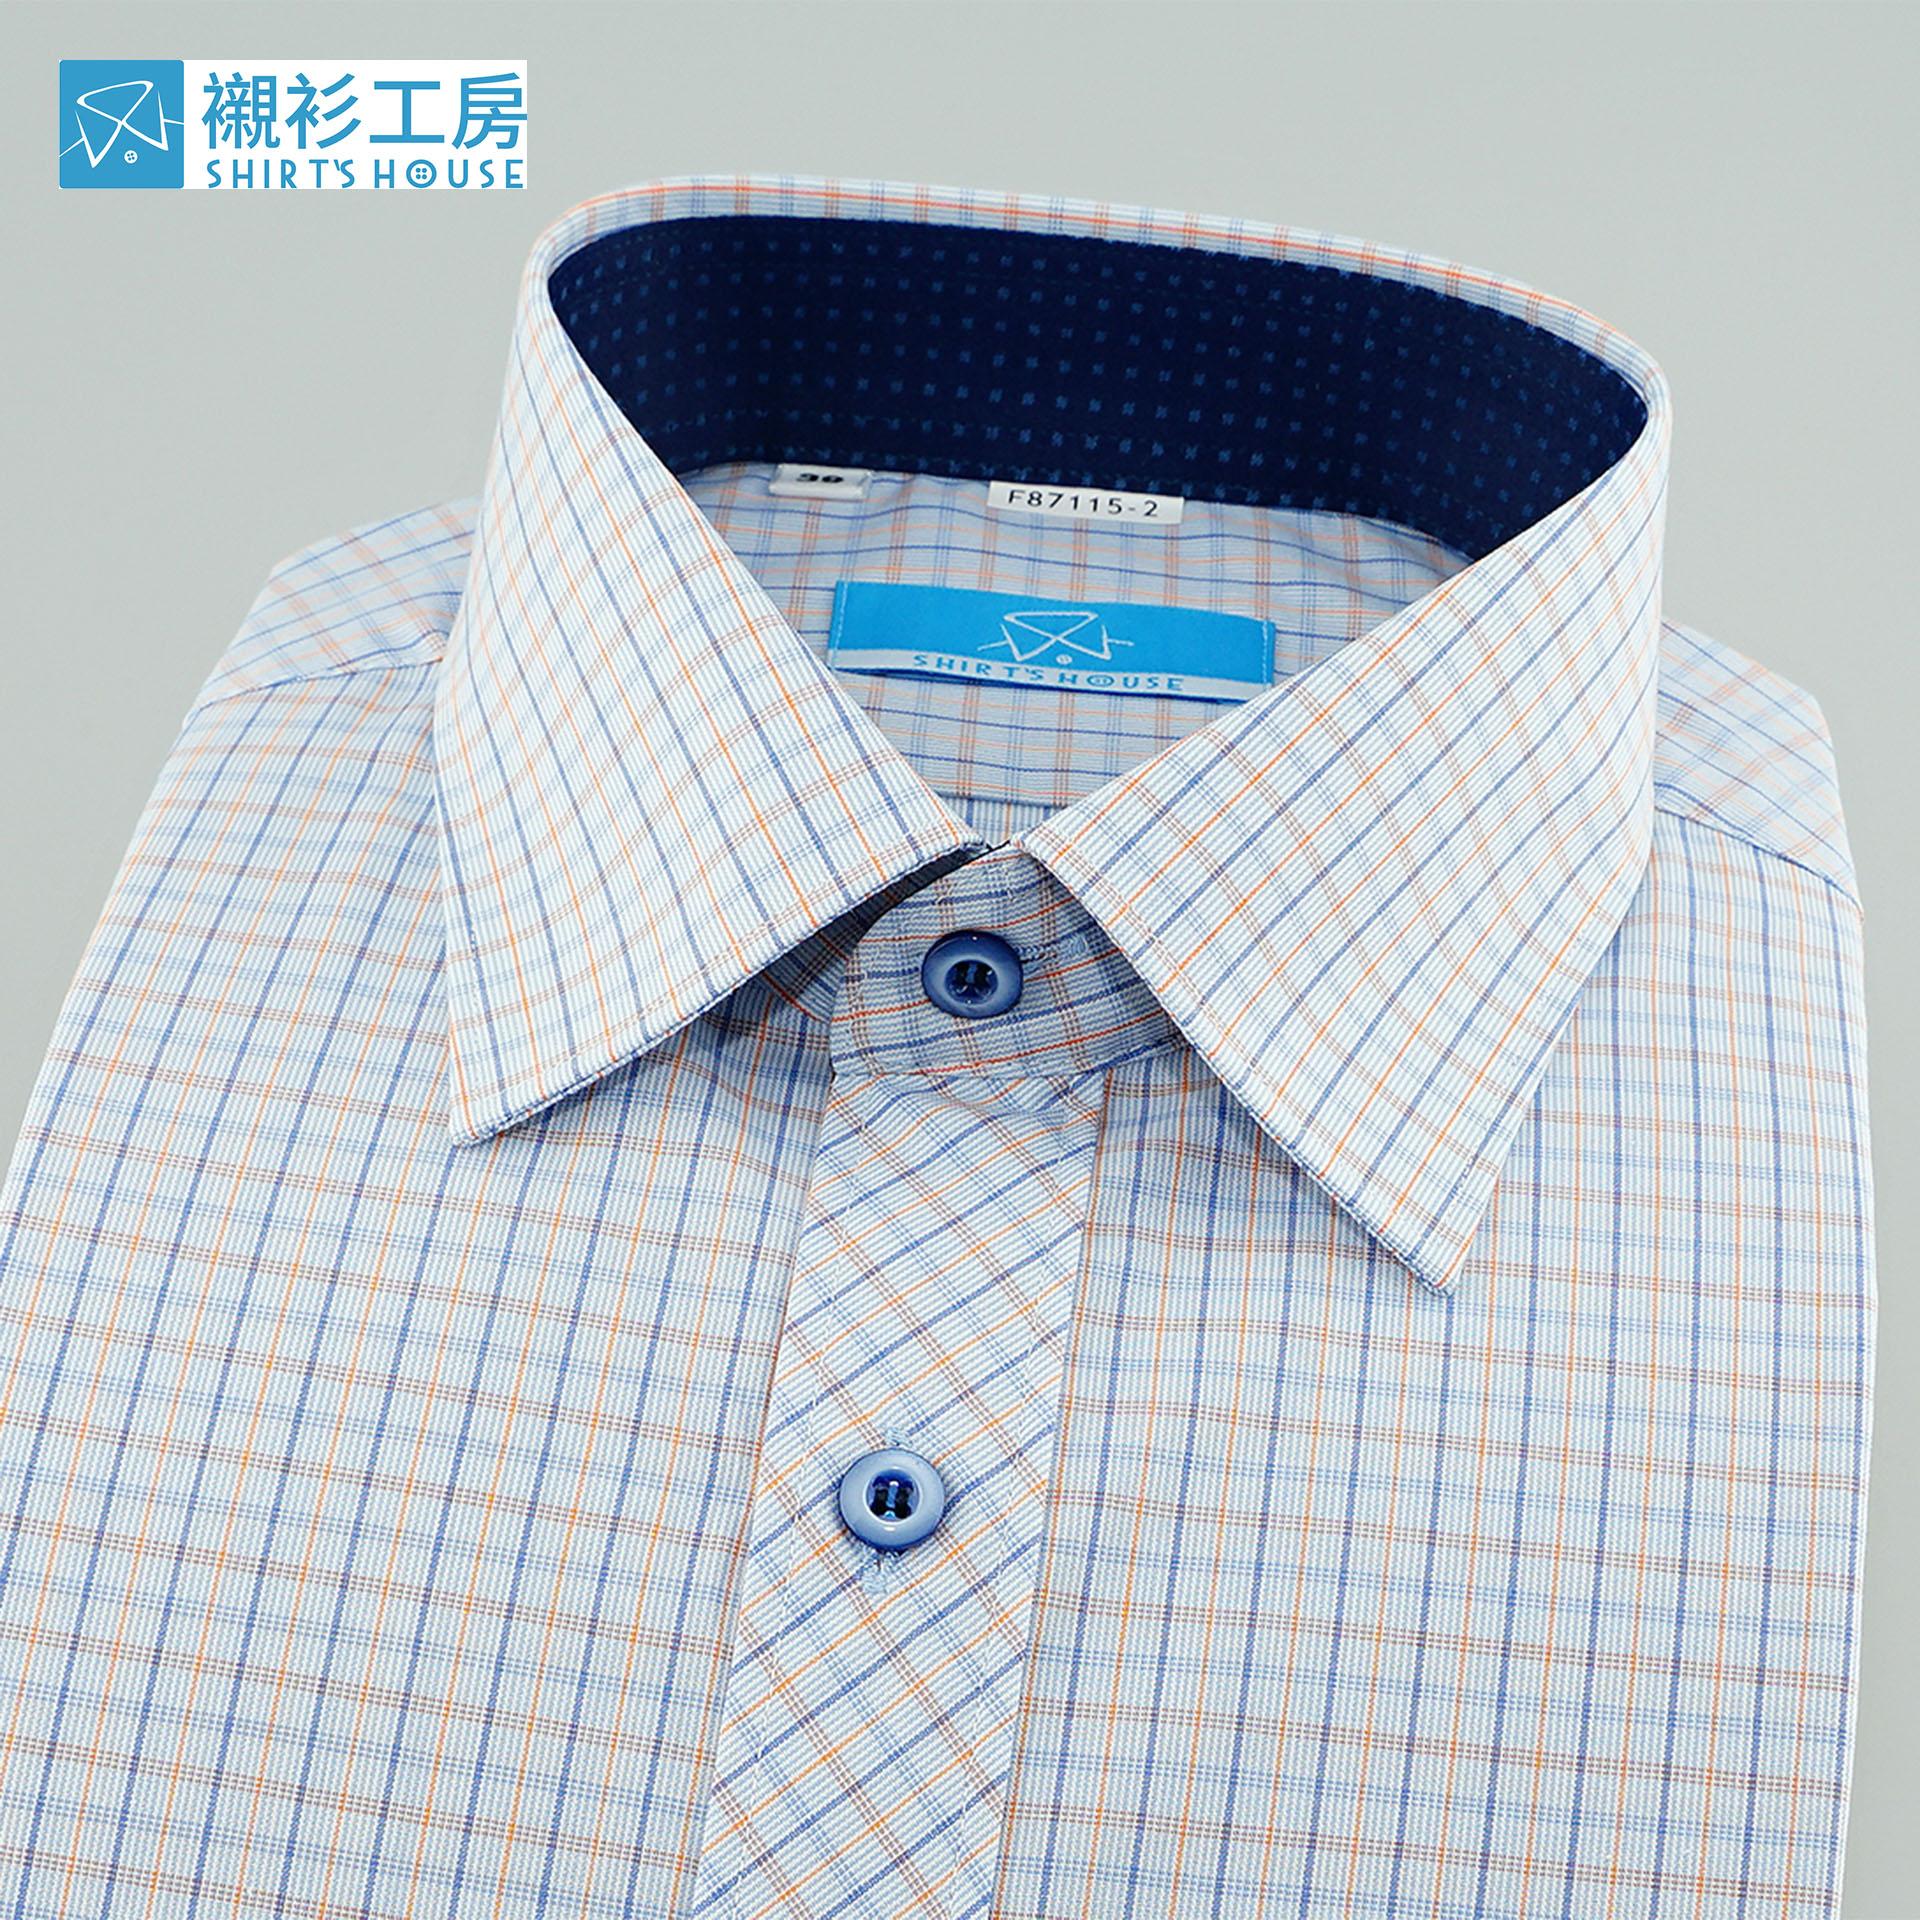 淺藍、橘色細格紋、門襟作斜格設計、領座配布合身長袖襯衫87115-02-襯衫工房